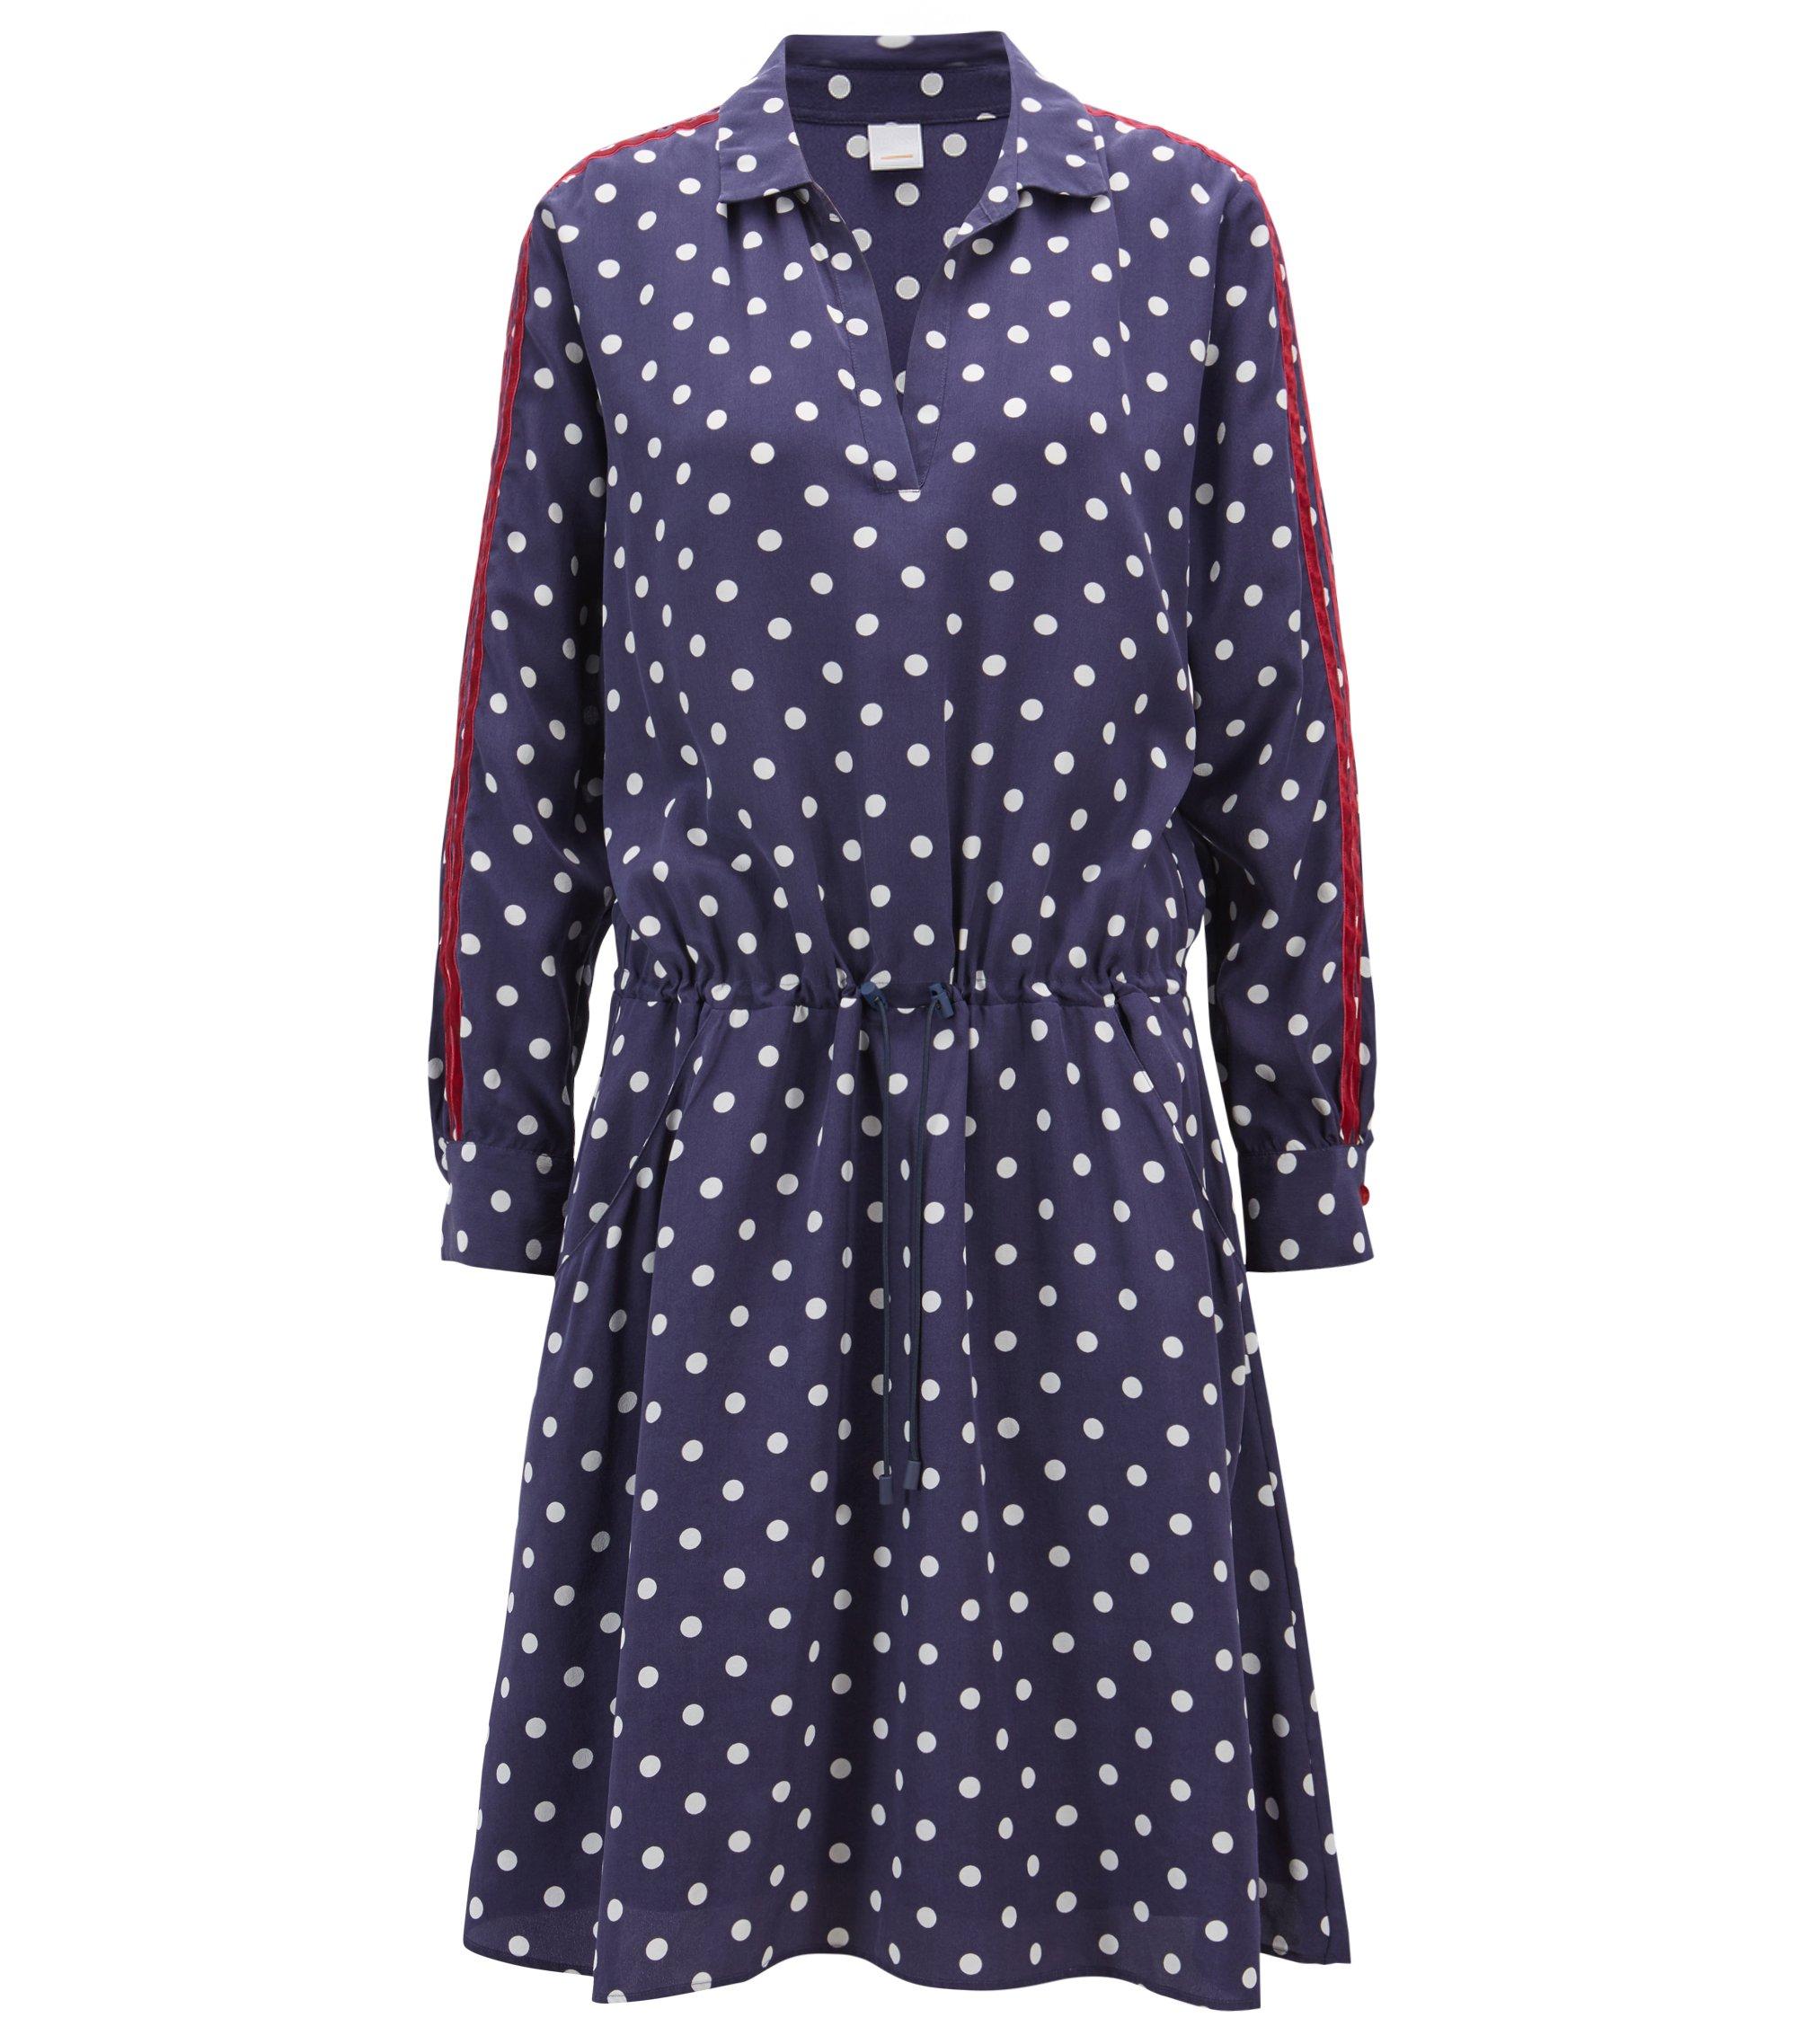 Robe Relaxed Fit en soie imprimée, avec finitions en velours, Bleu foncé